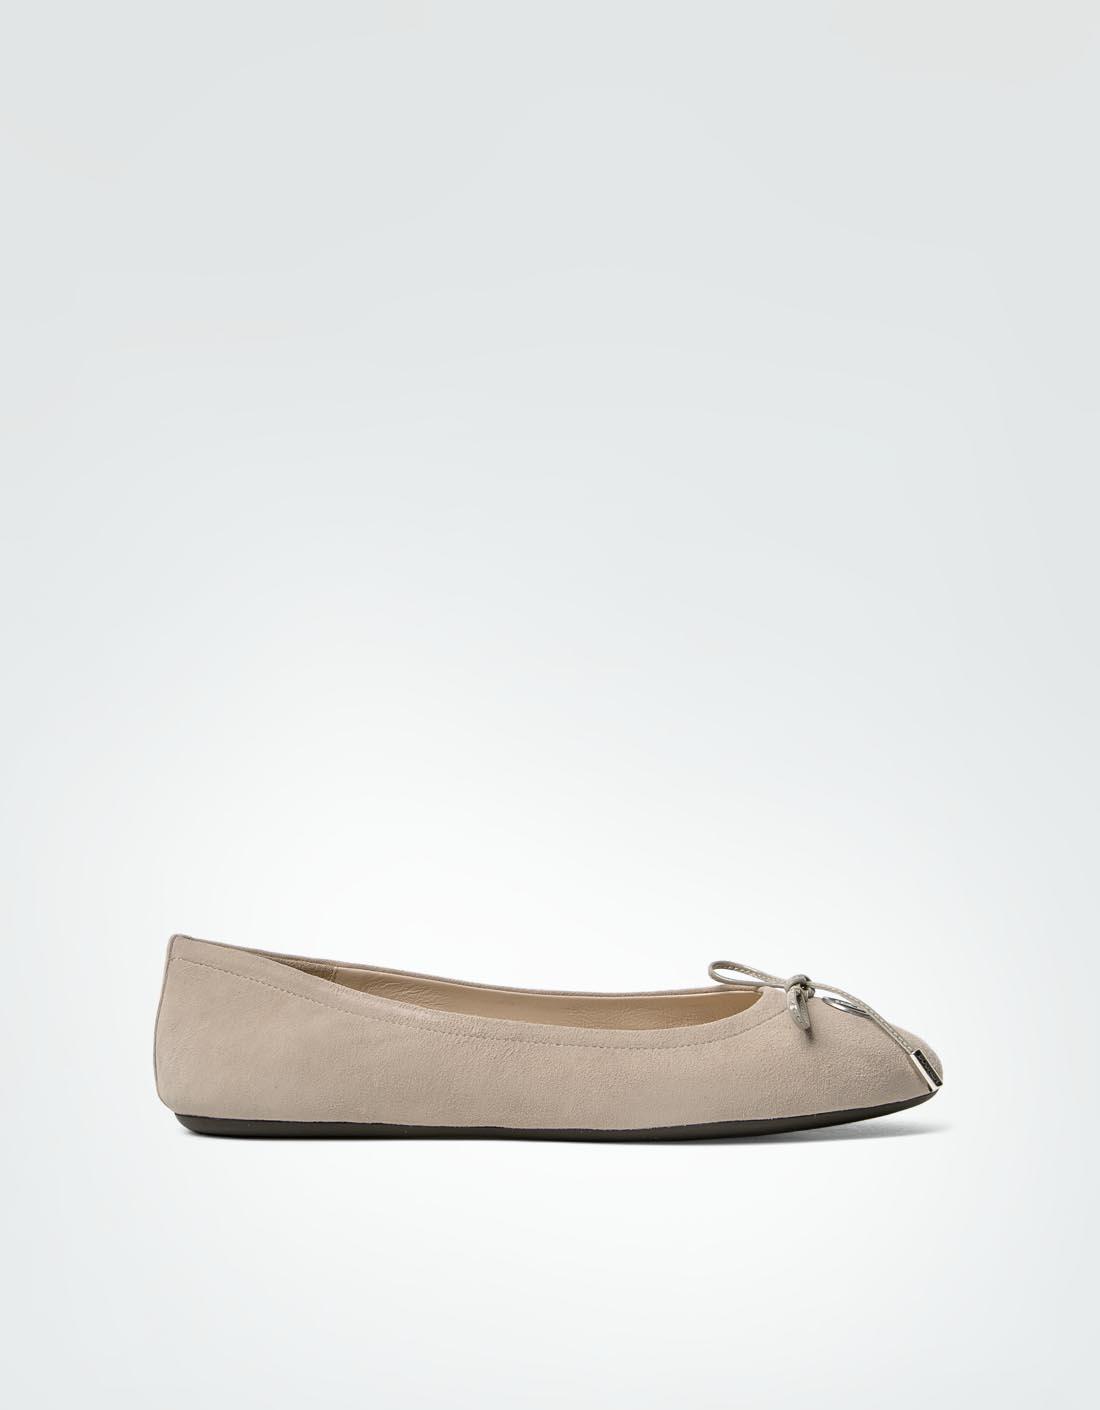 Bogner Damen Schuhe Ballerina aus Veloursleder beige MZ3sa